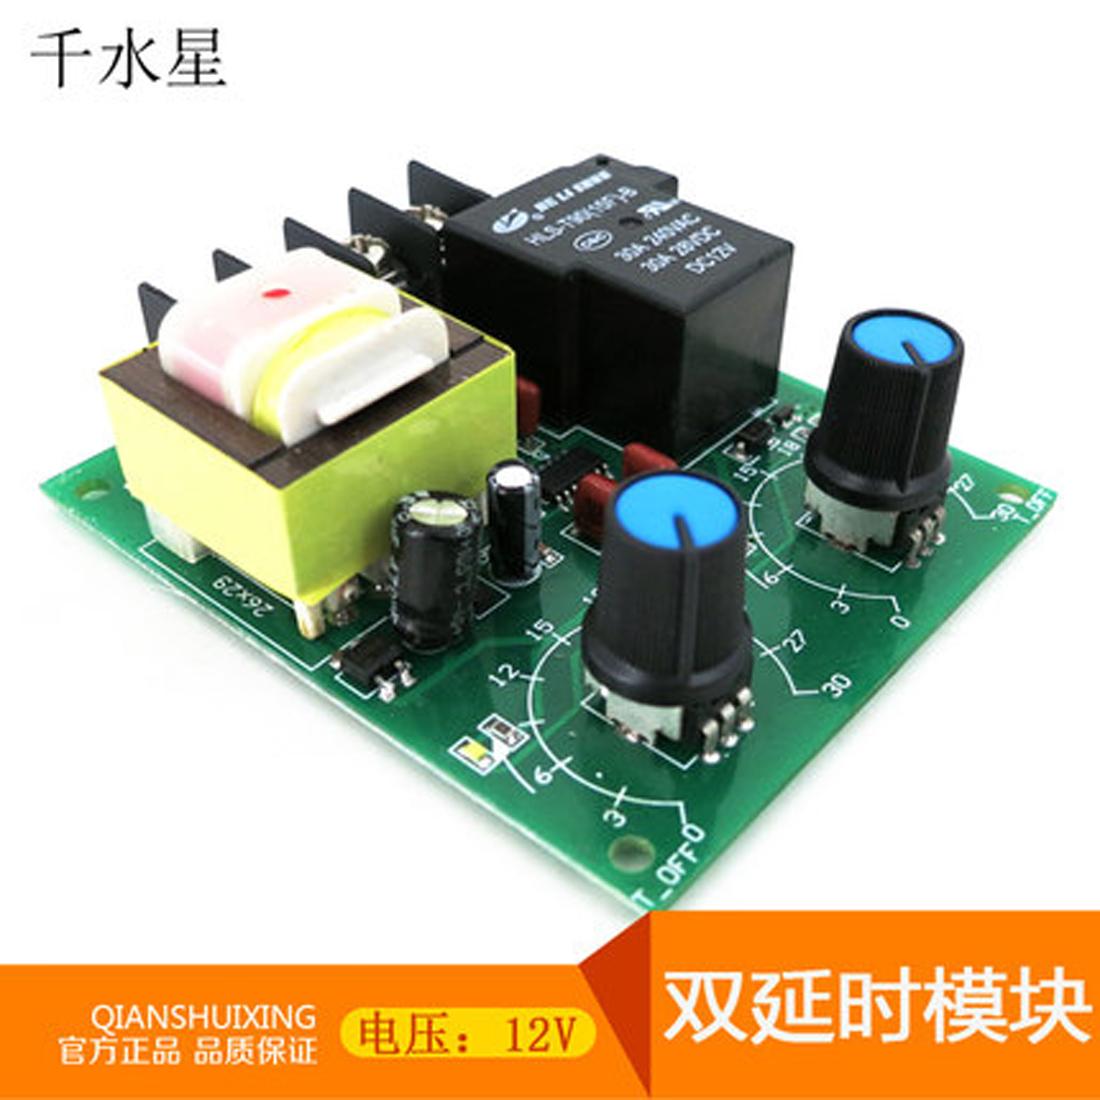 双延时模块 景观流水灯控制器 建筑模型配件 沙盘拼装材料 控2路